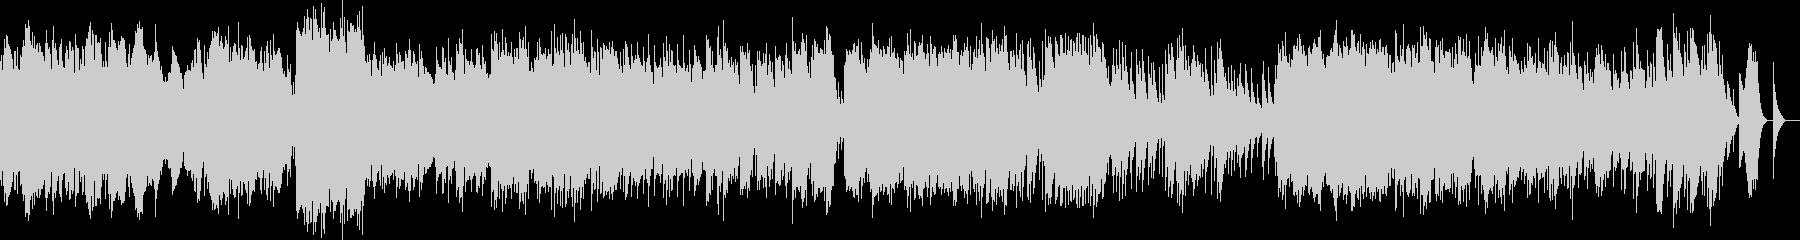 ベルガマスク組曲 メヌエット オルゴールの未再生の波形